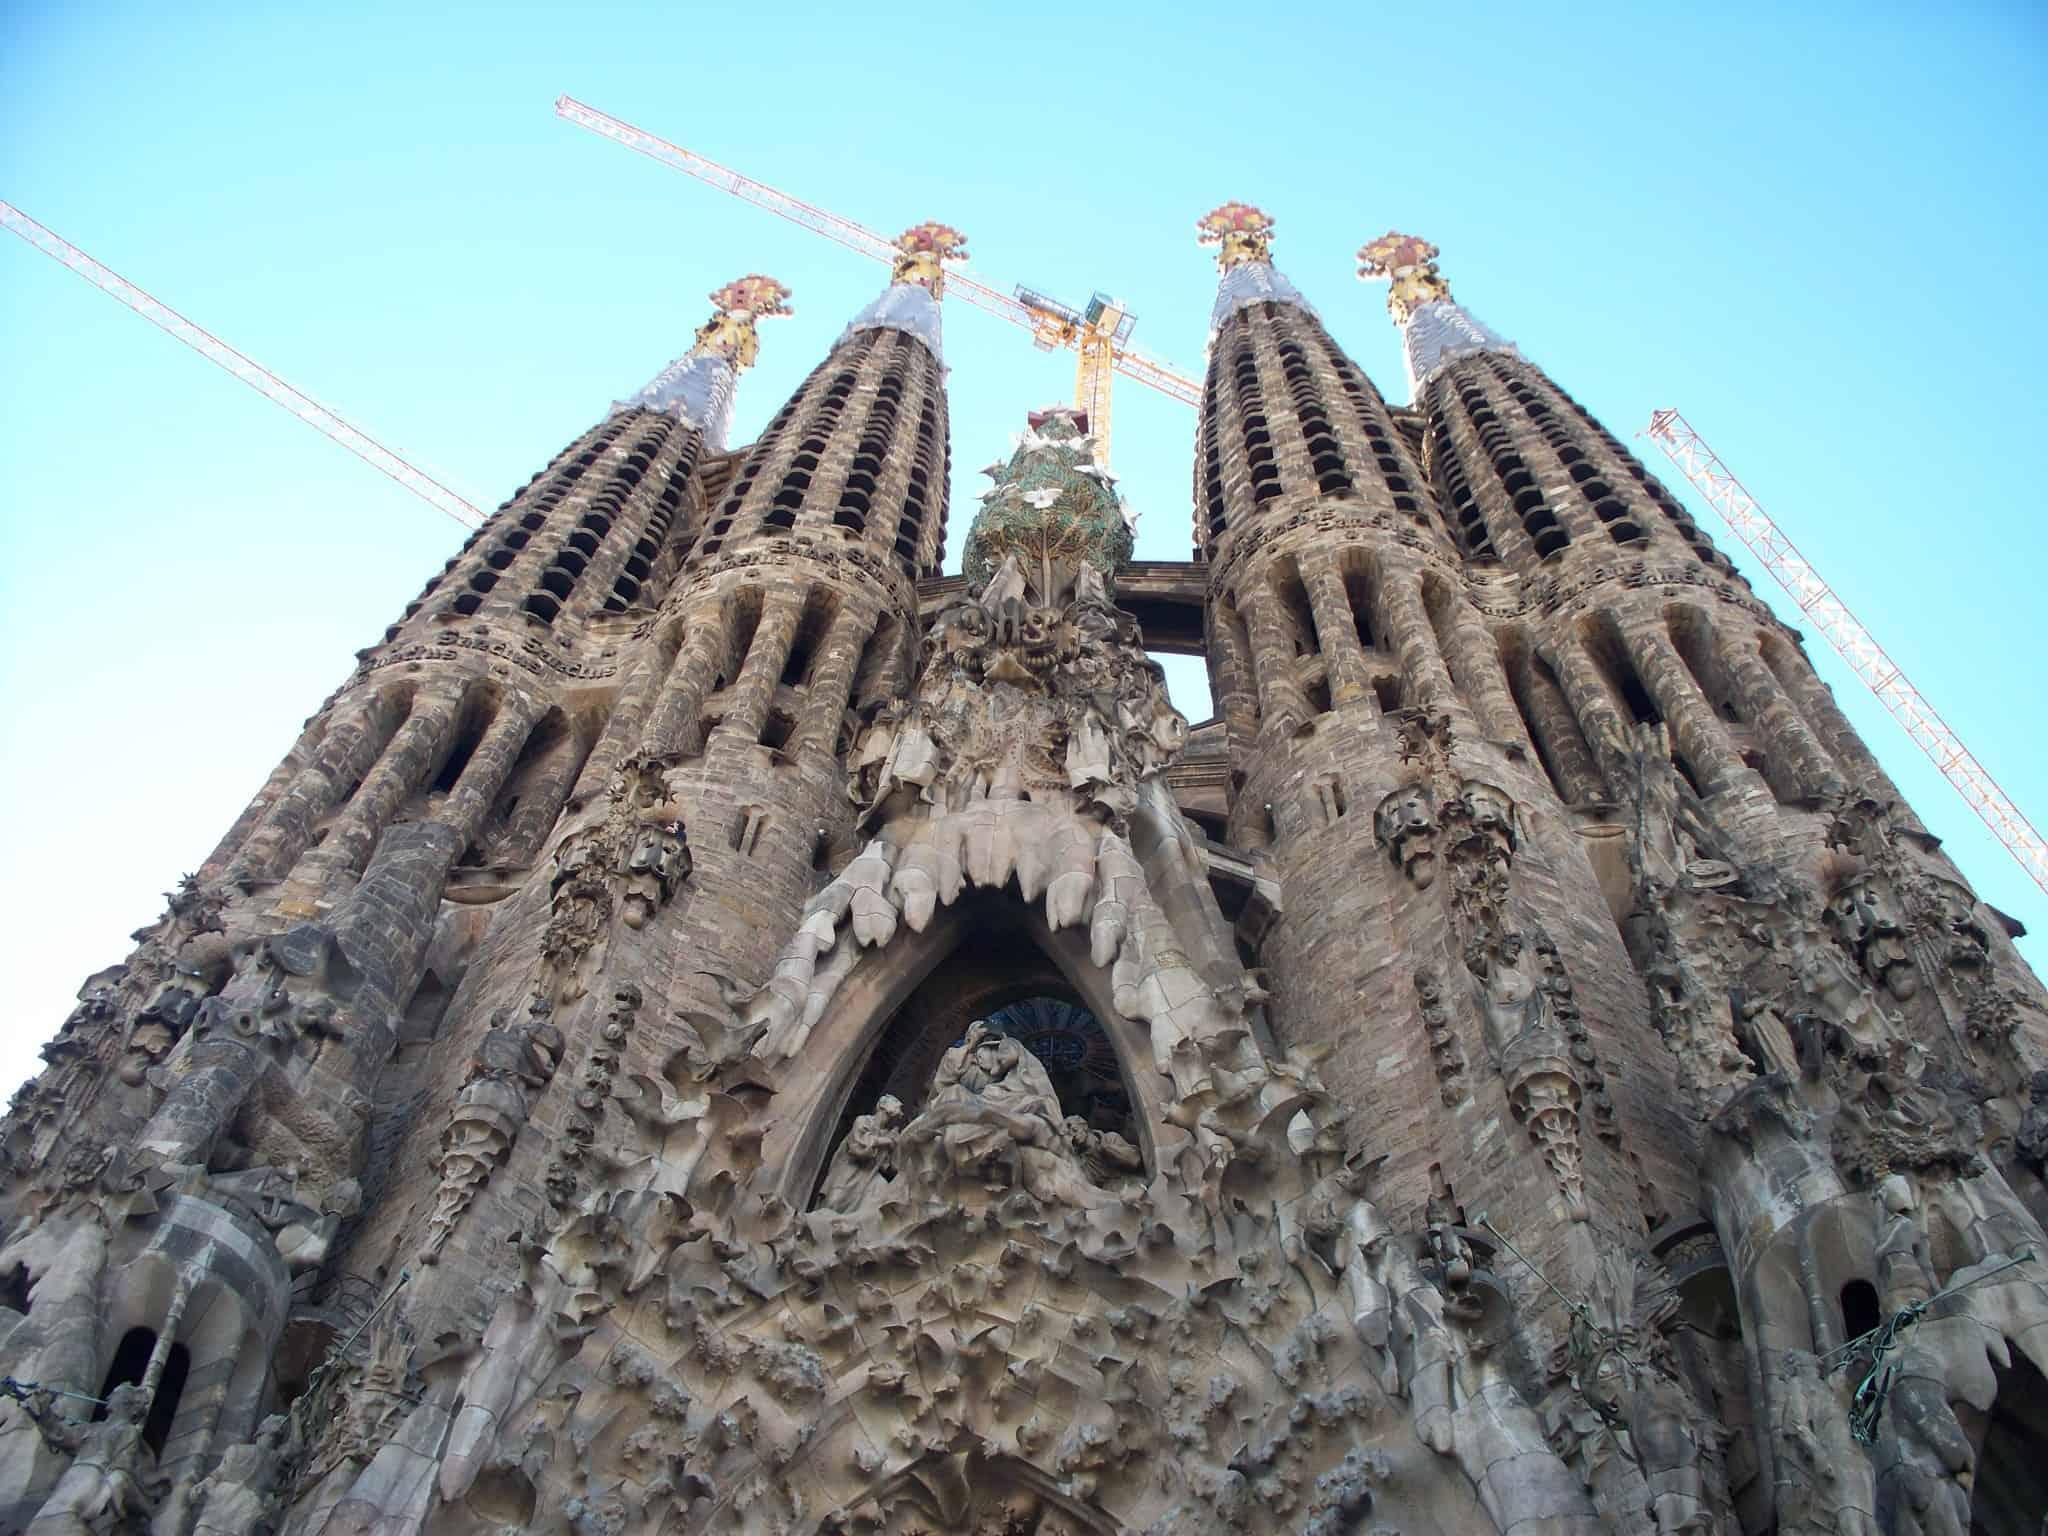 מסלול טיול בברצלונה